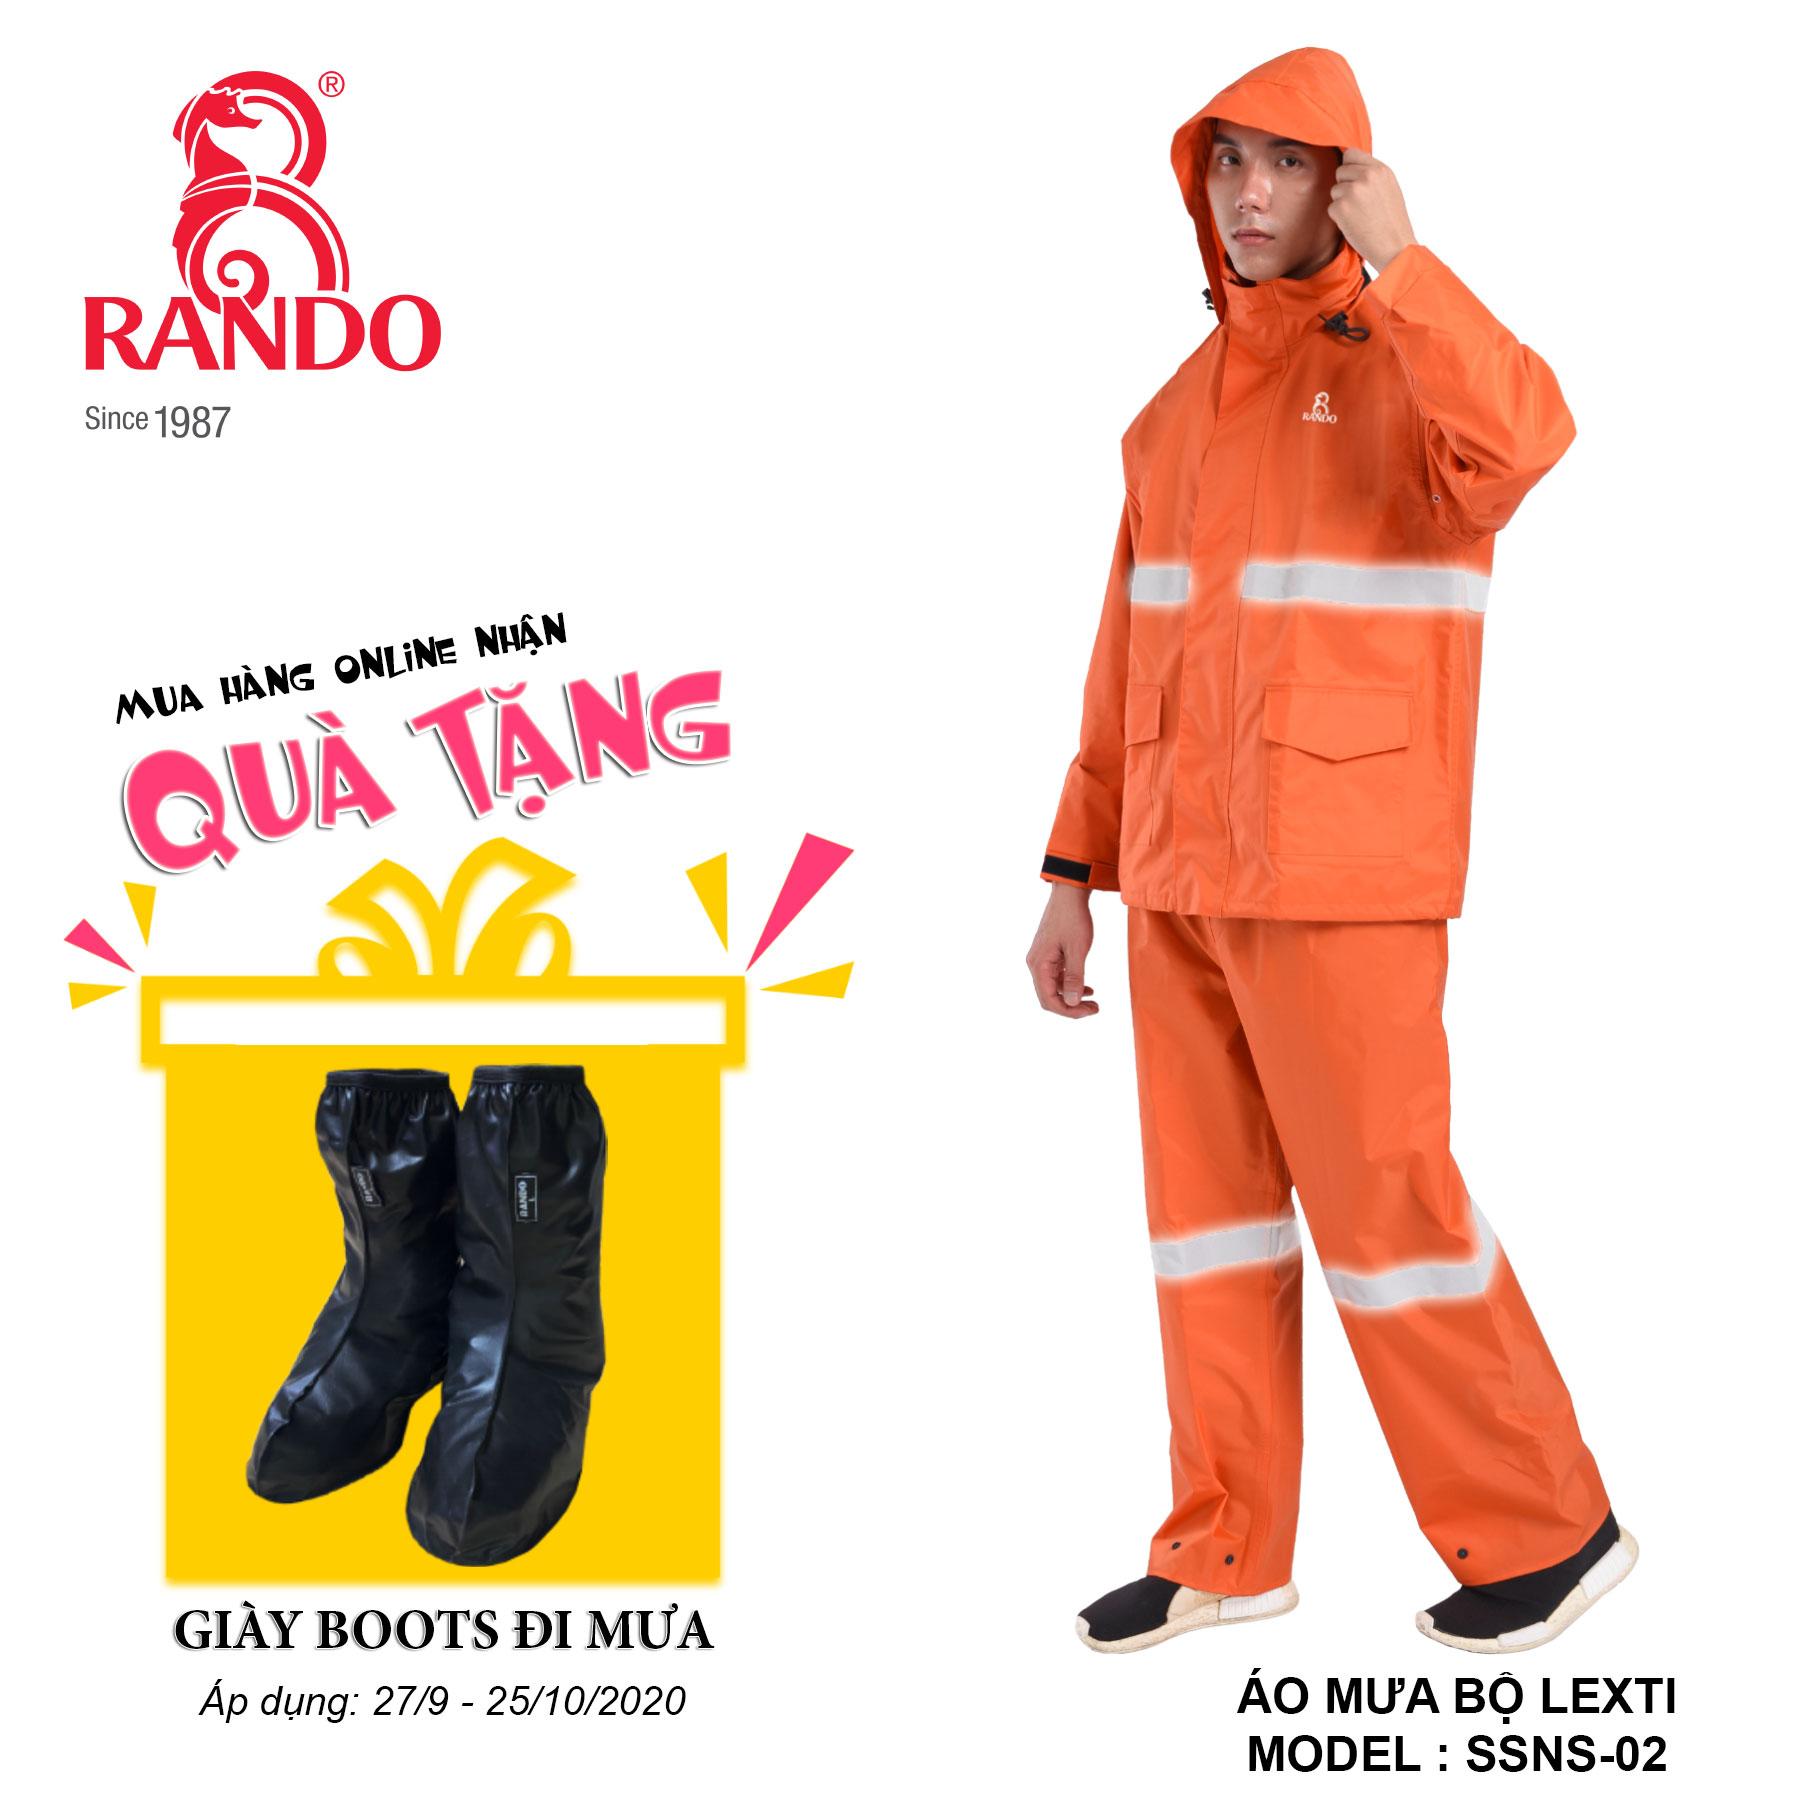 Mua bộ áo mưa LEXTI tặng GIÀY BOOTS đi mưa RANDO